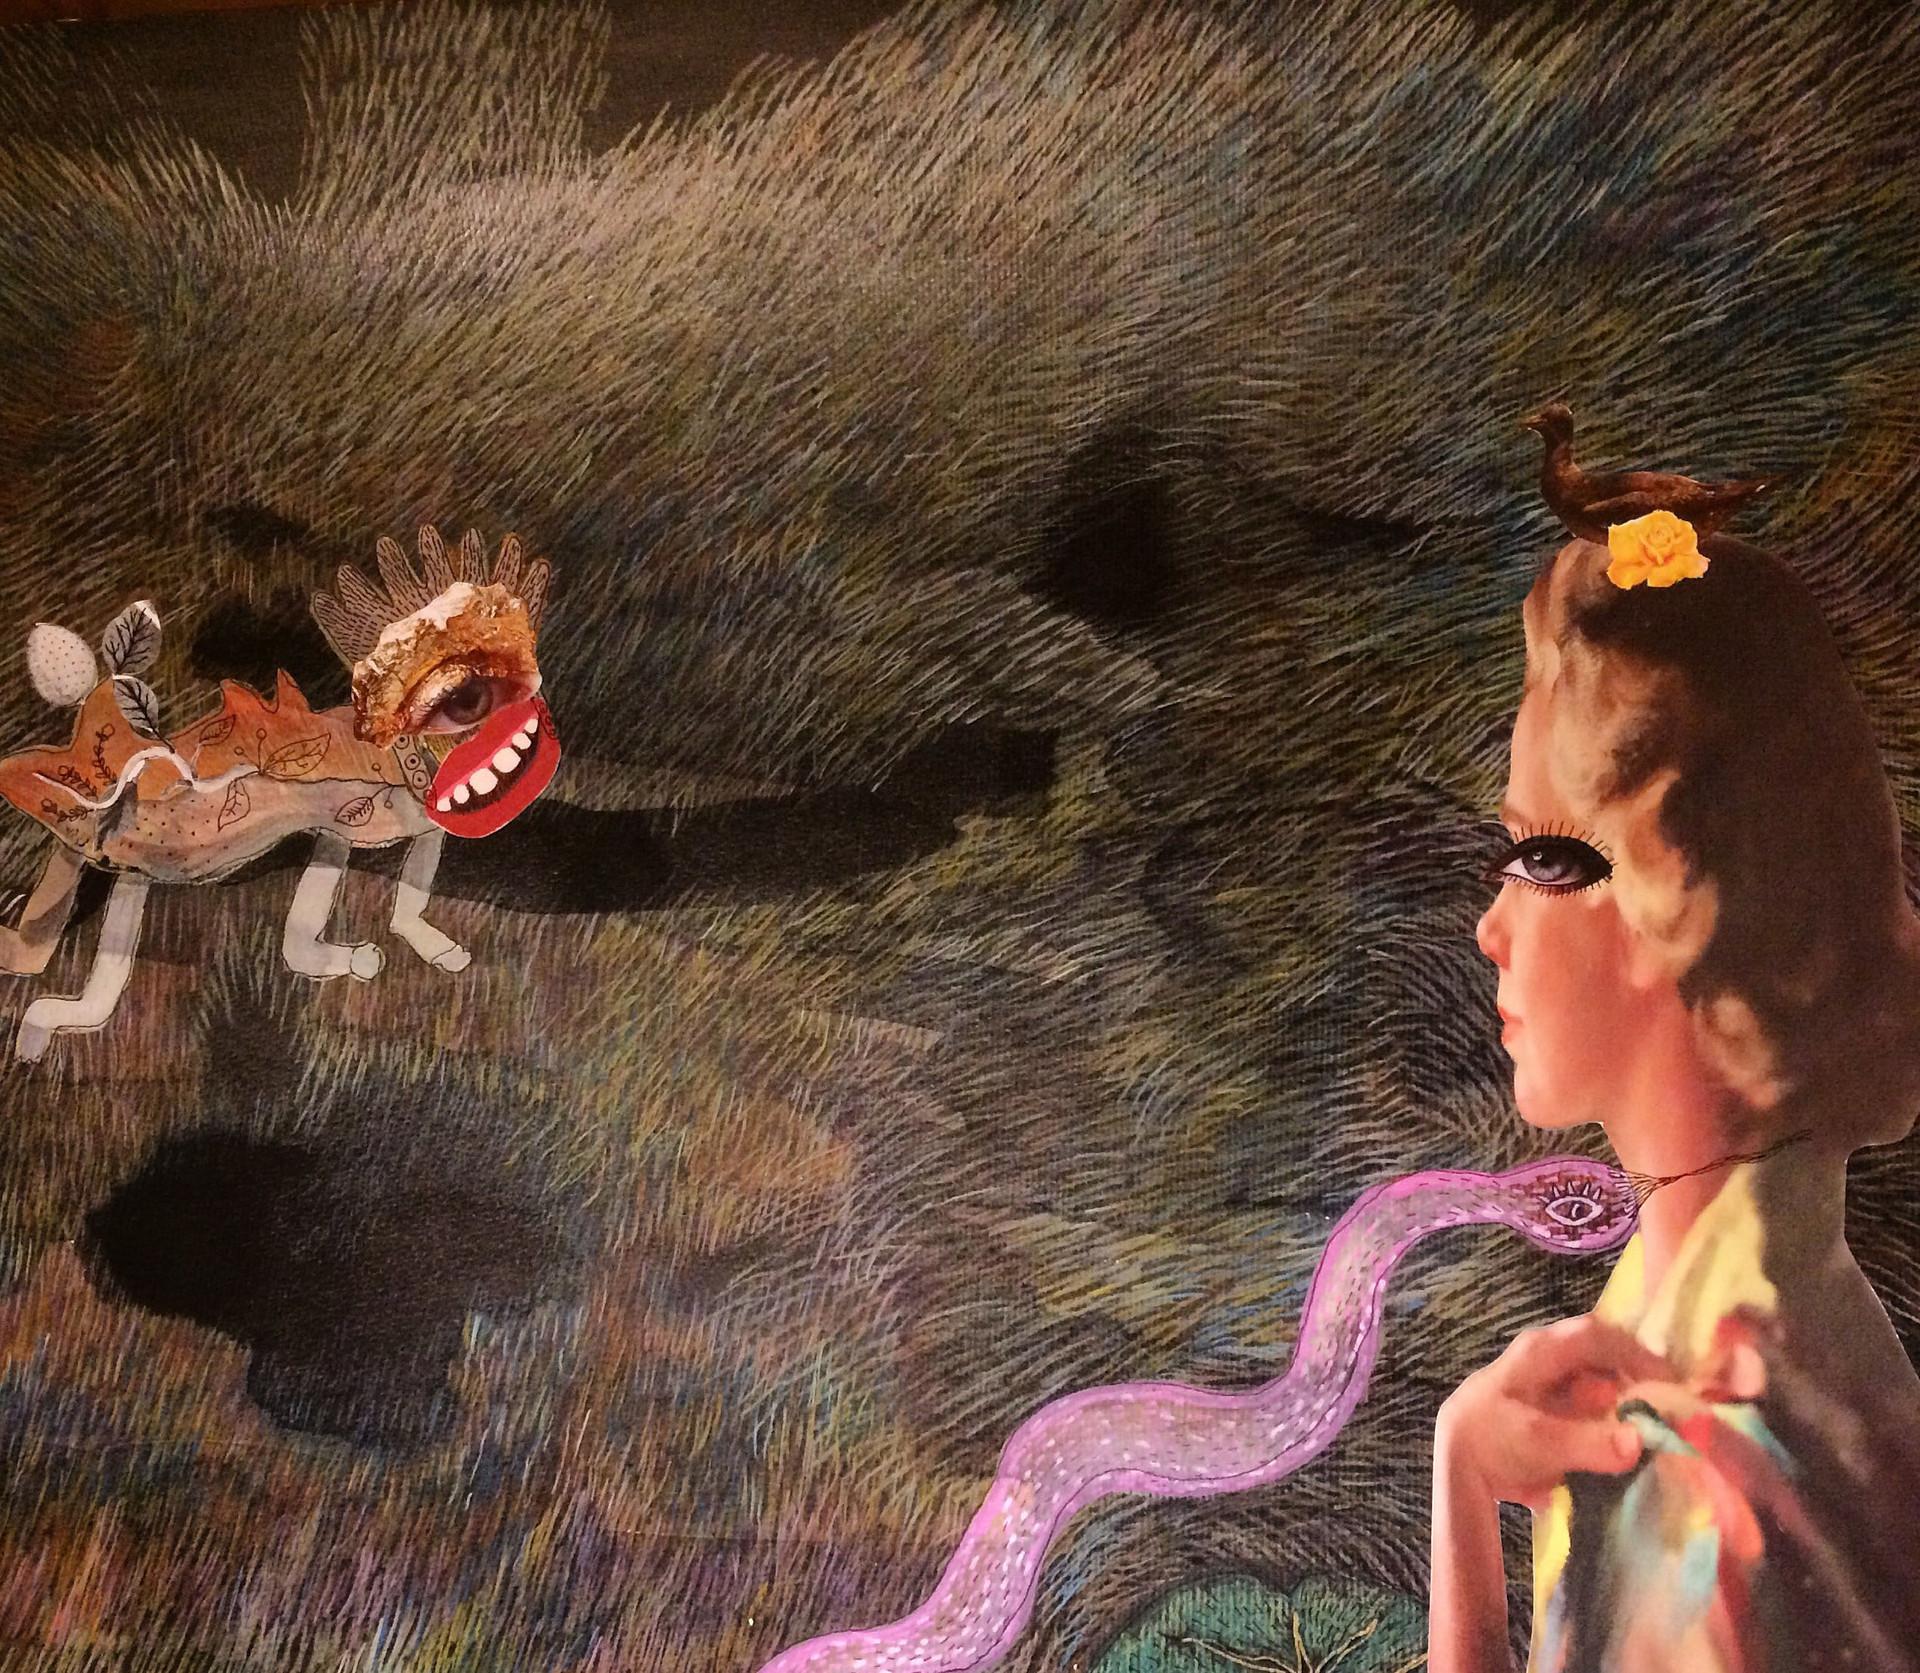 Serie Paracas, collage análogo 50 x 70 cms - Florencia Reid